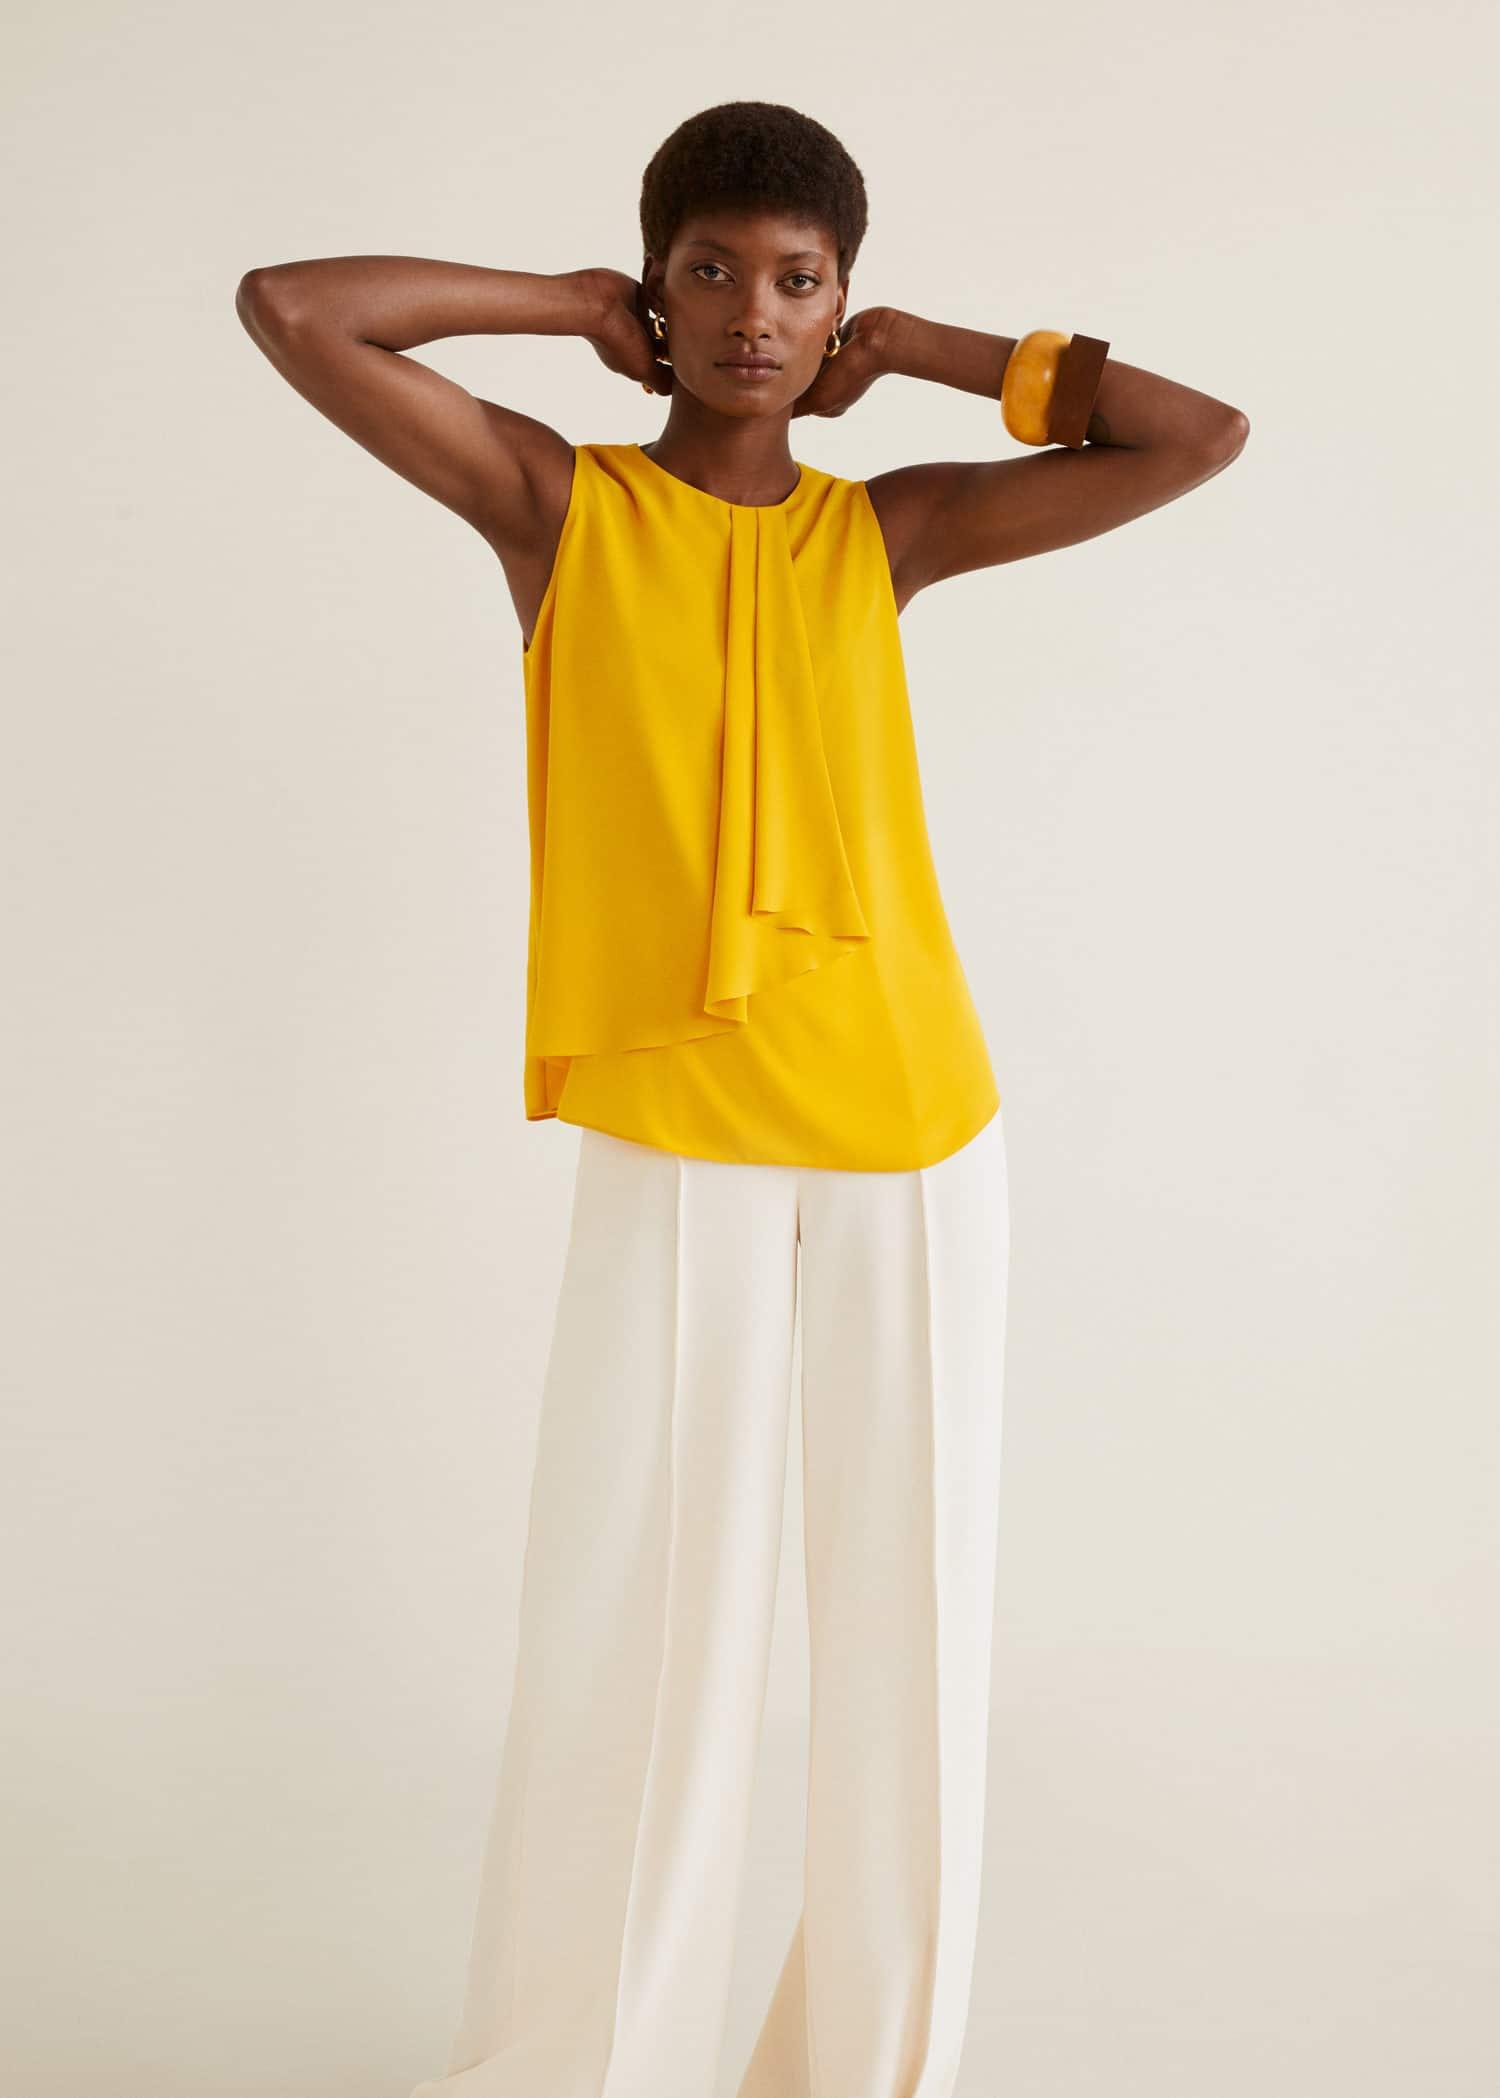 Dekorativ bluse med rysj Damer | OUTLET Norge